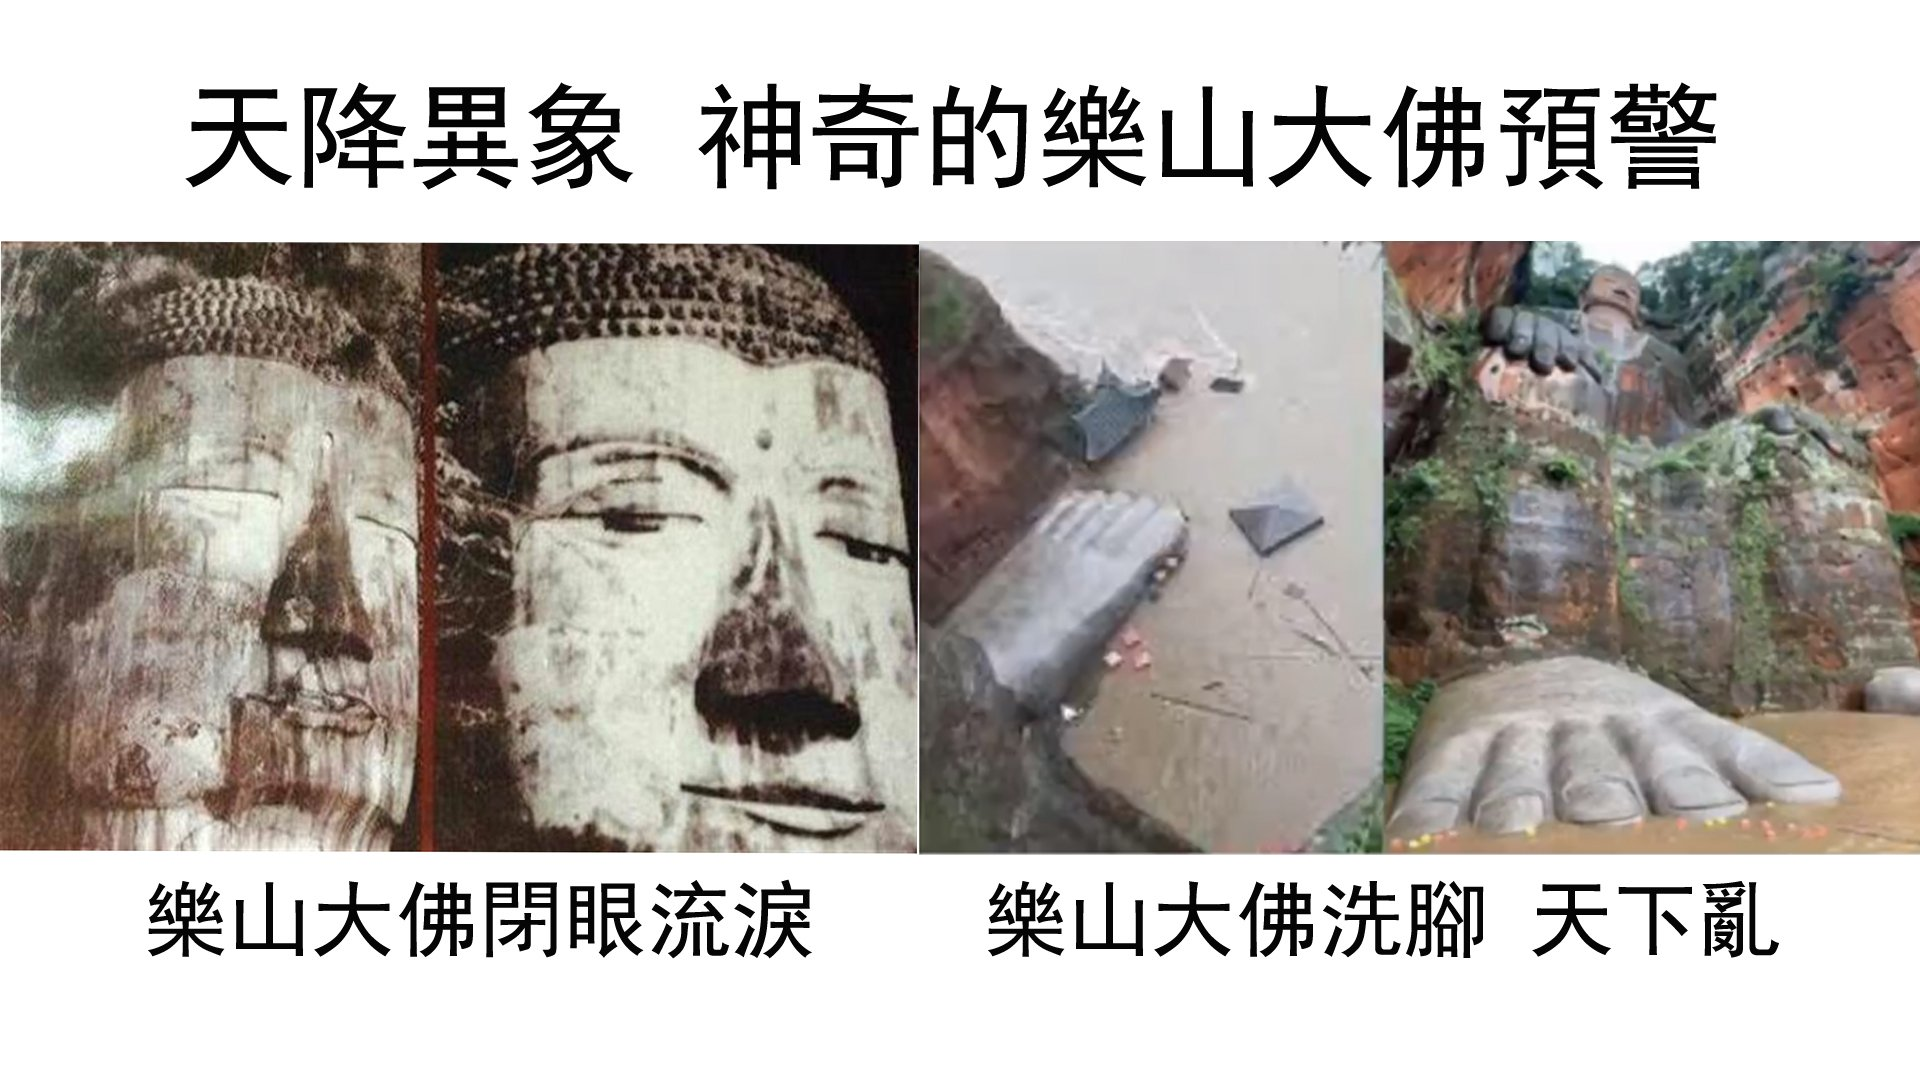 樂山大佛佛腳被水淹,曾數次閉眼流淚顯靈。(大紀元合成)